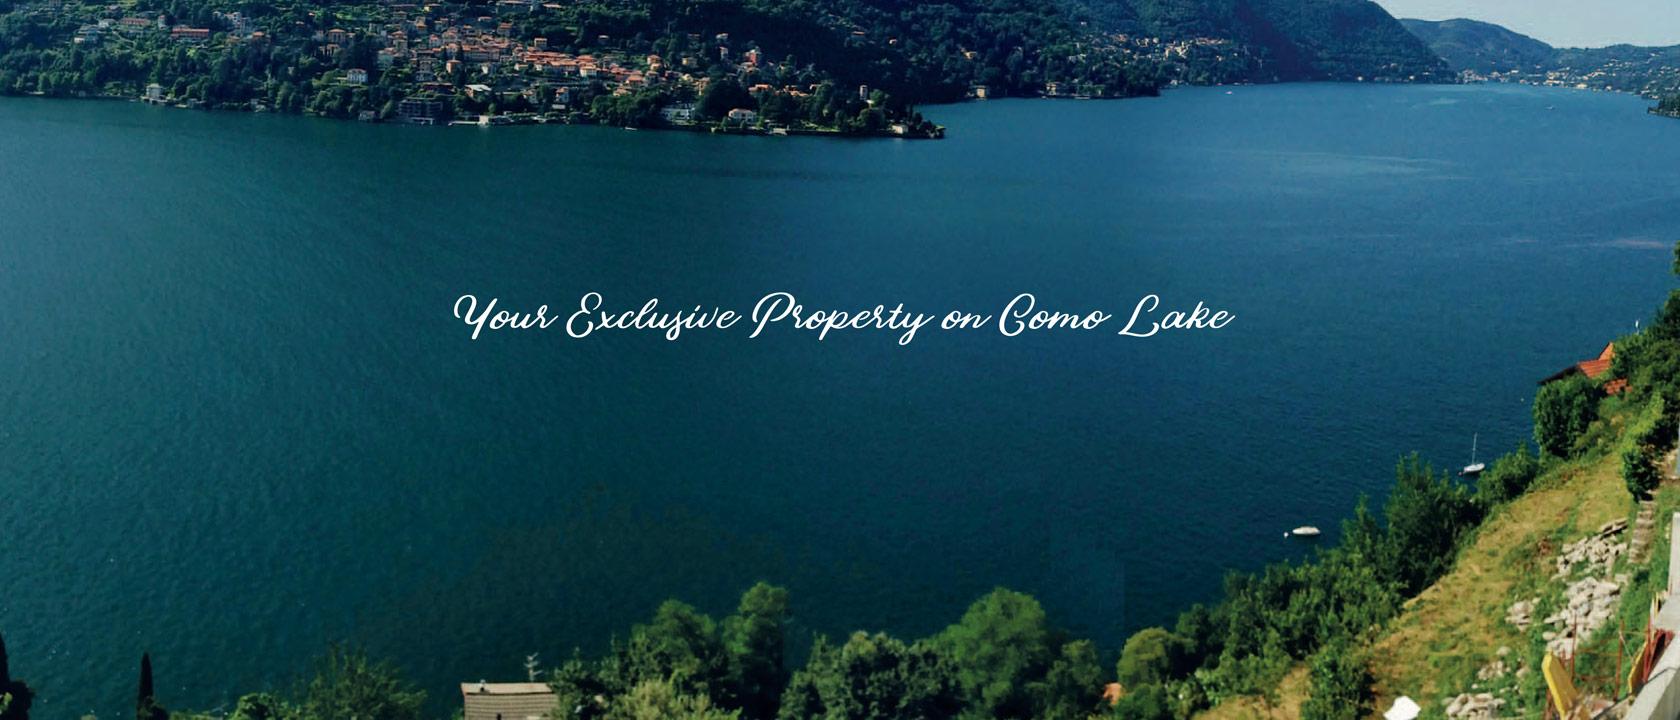 Impresa-Curti-Costruzioni-Como-Come-Immobili-Vendita-header-001.jpg